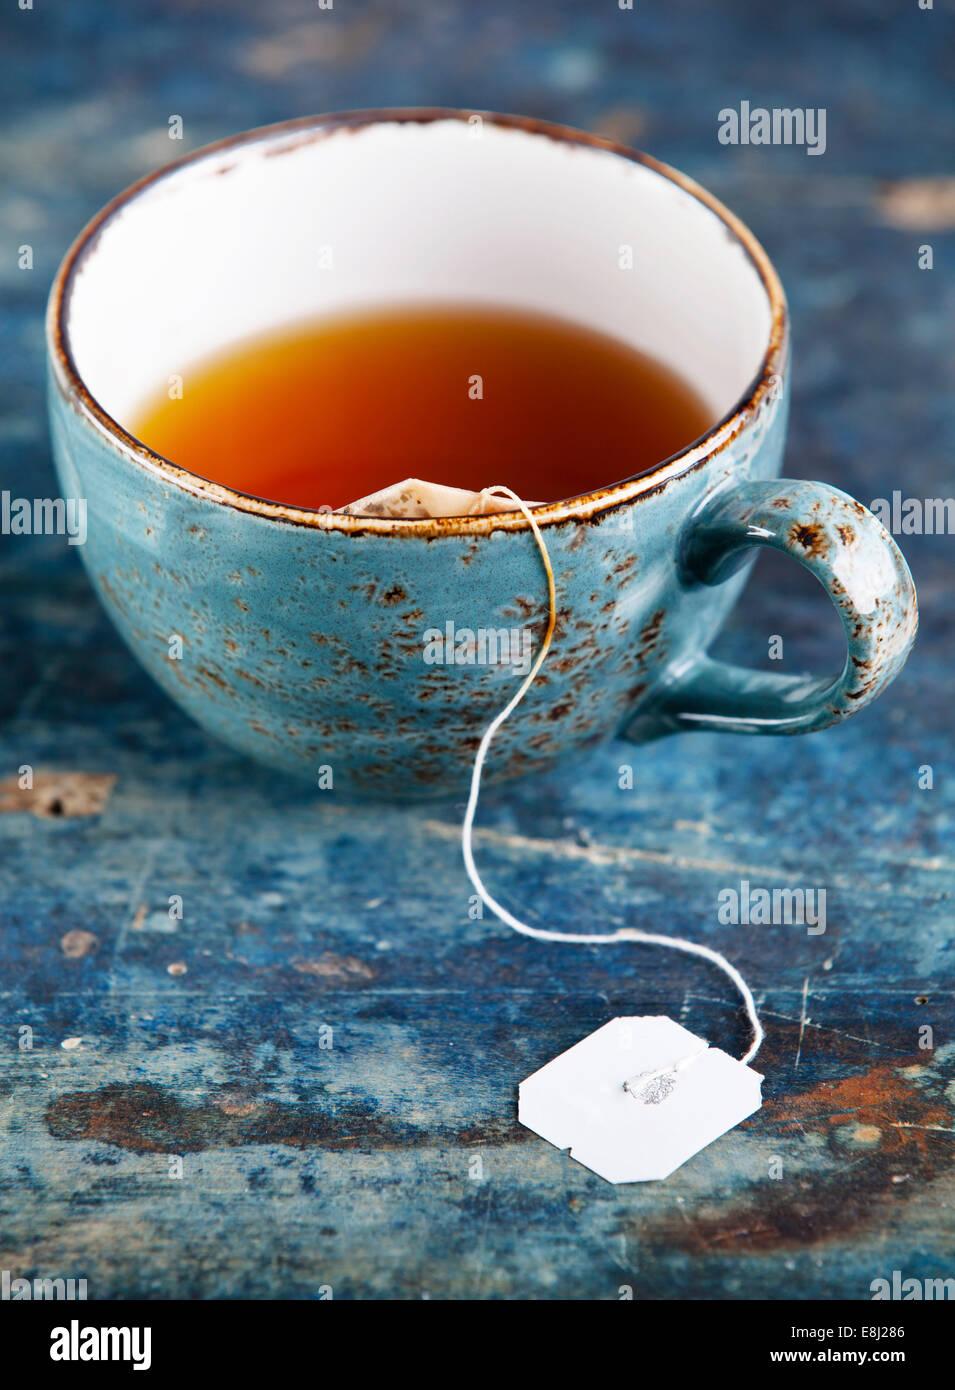 tasse tee mit teebeutel auf blau strukturierten hintergrund stockfoto bild 74155654 alamy. Black Bedroom Furniture Sets. Home Design Ideas